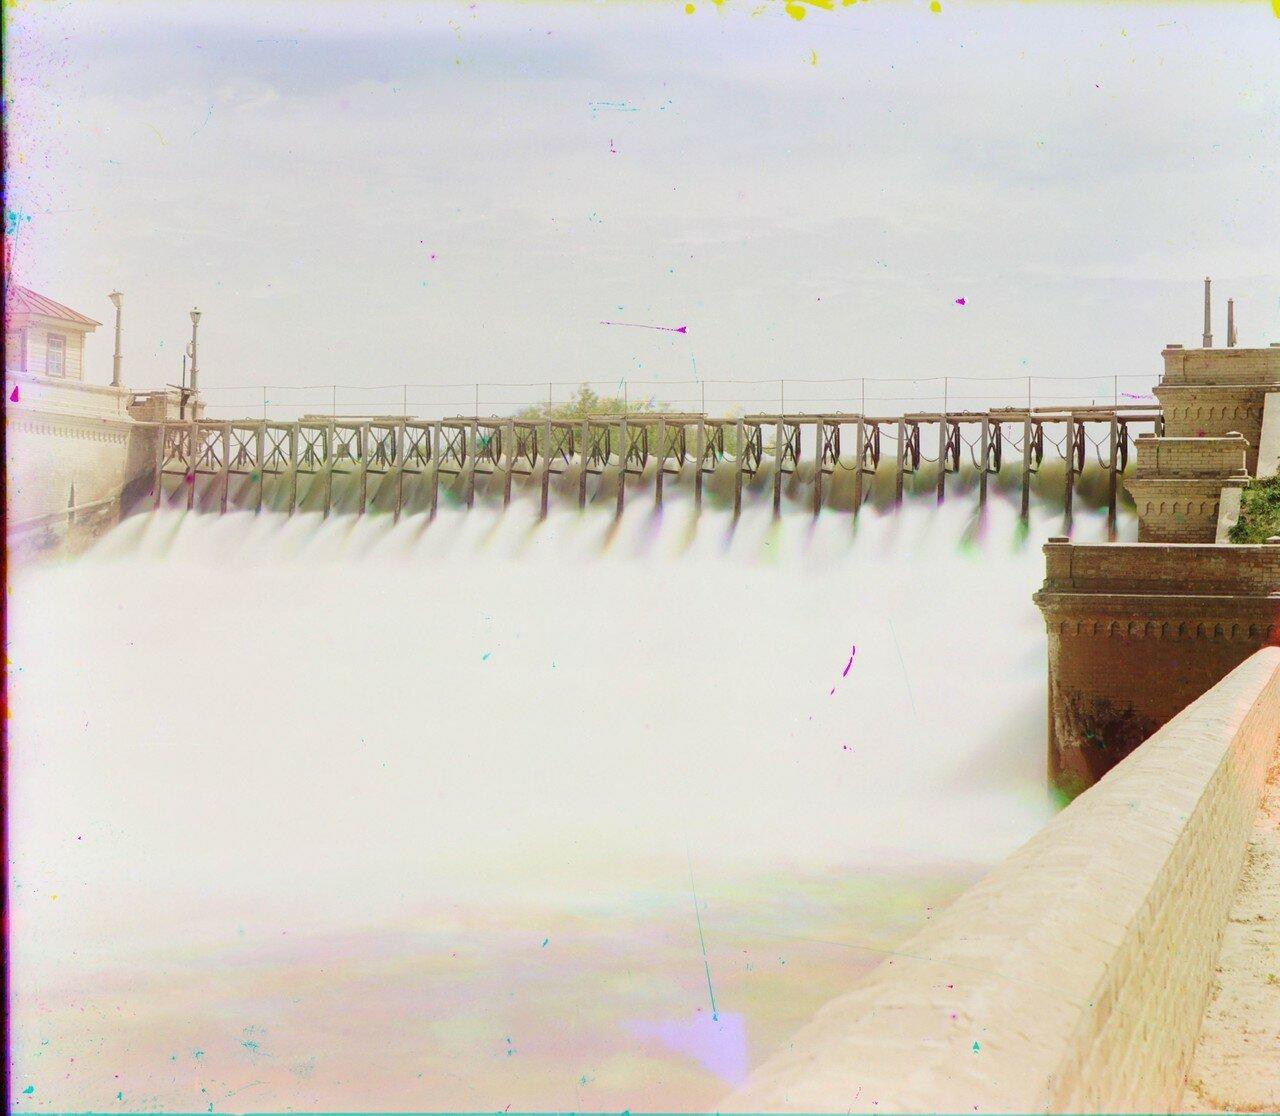 Окрестности Мерва. Байрам-Али. Мургабское имение. Гундукушская плотина в Мургабском имении